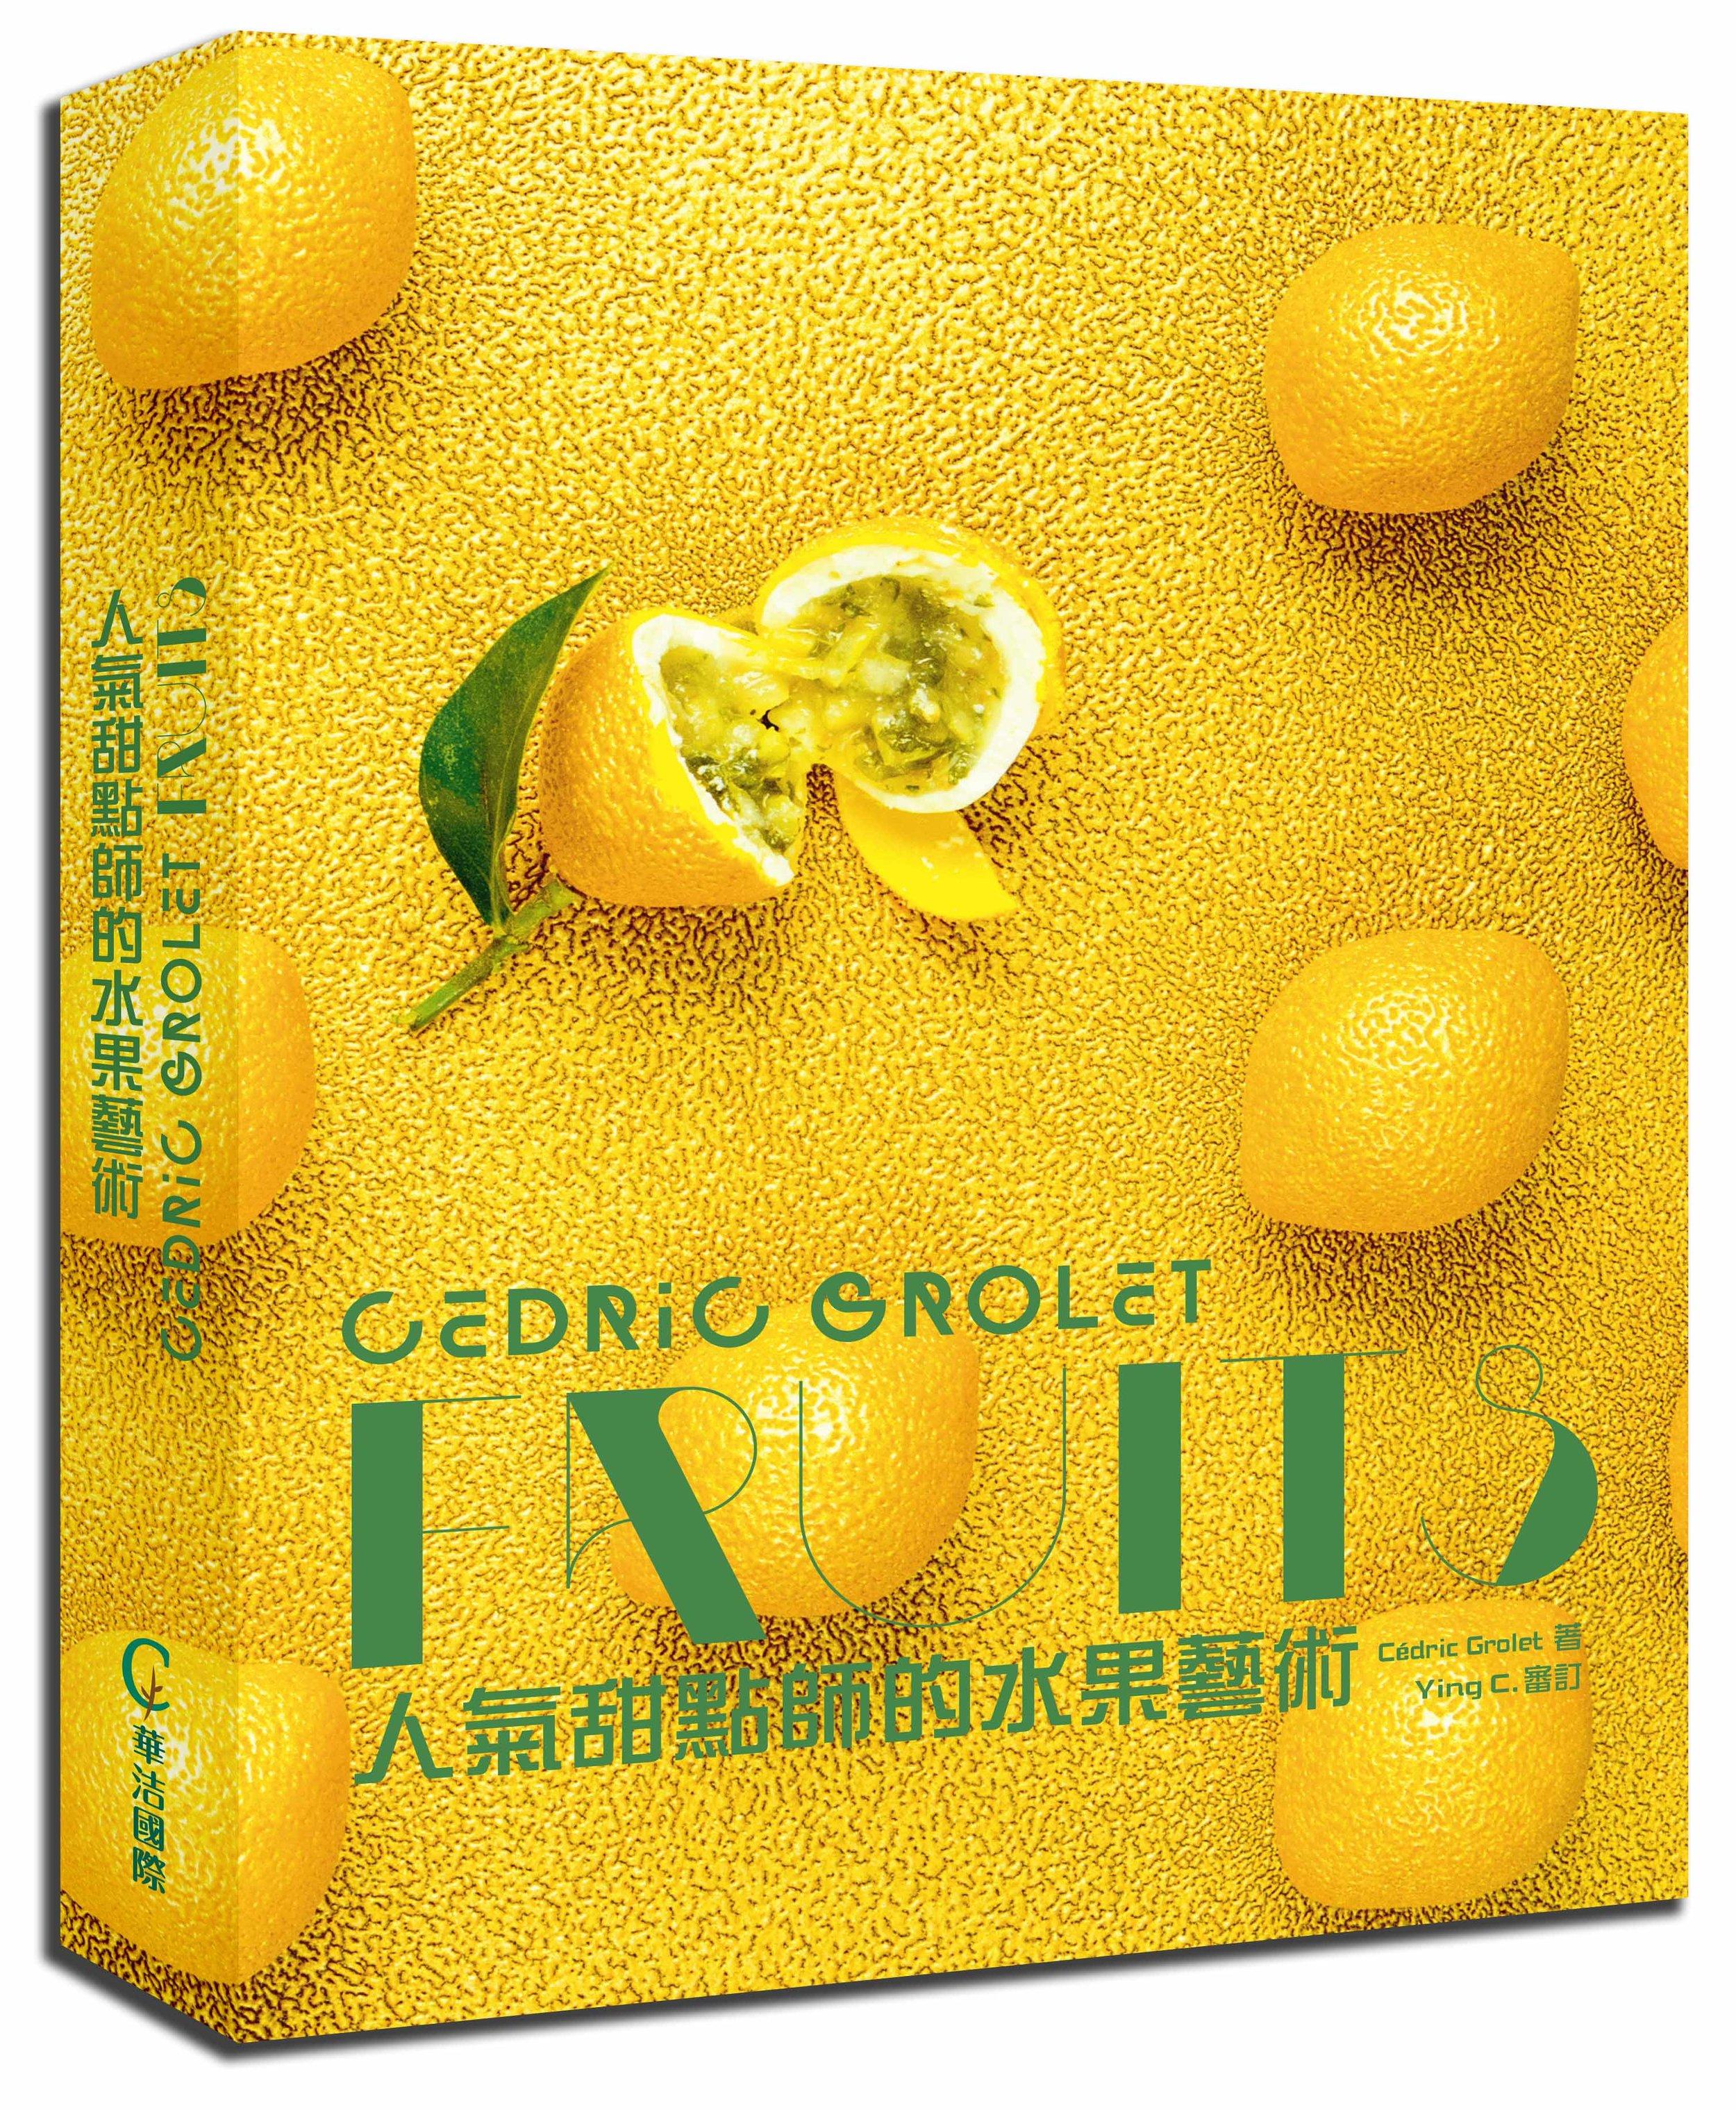 由我擔任審訂的《FRUITS-人氣甜點師的水果藝術》即將在5月2日出版。